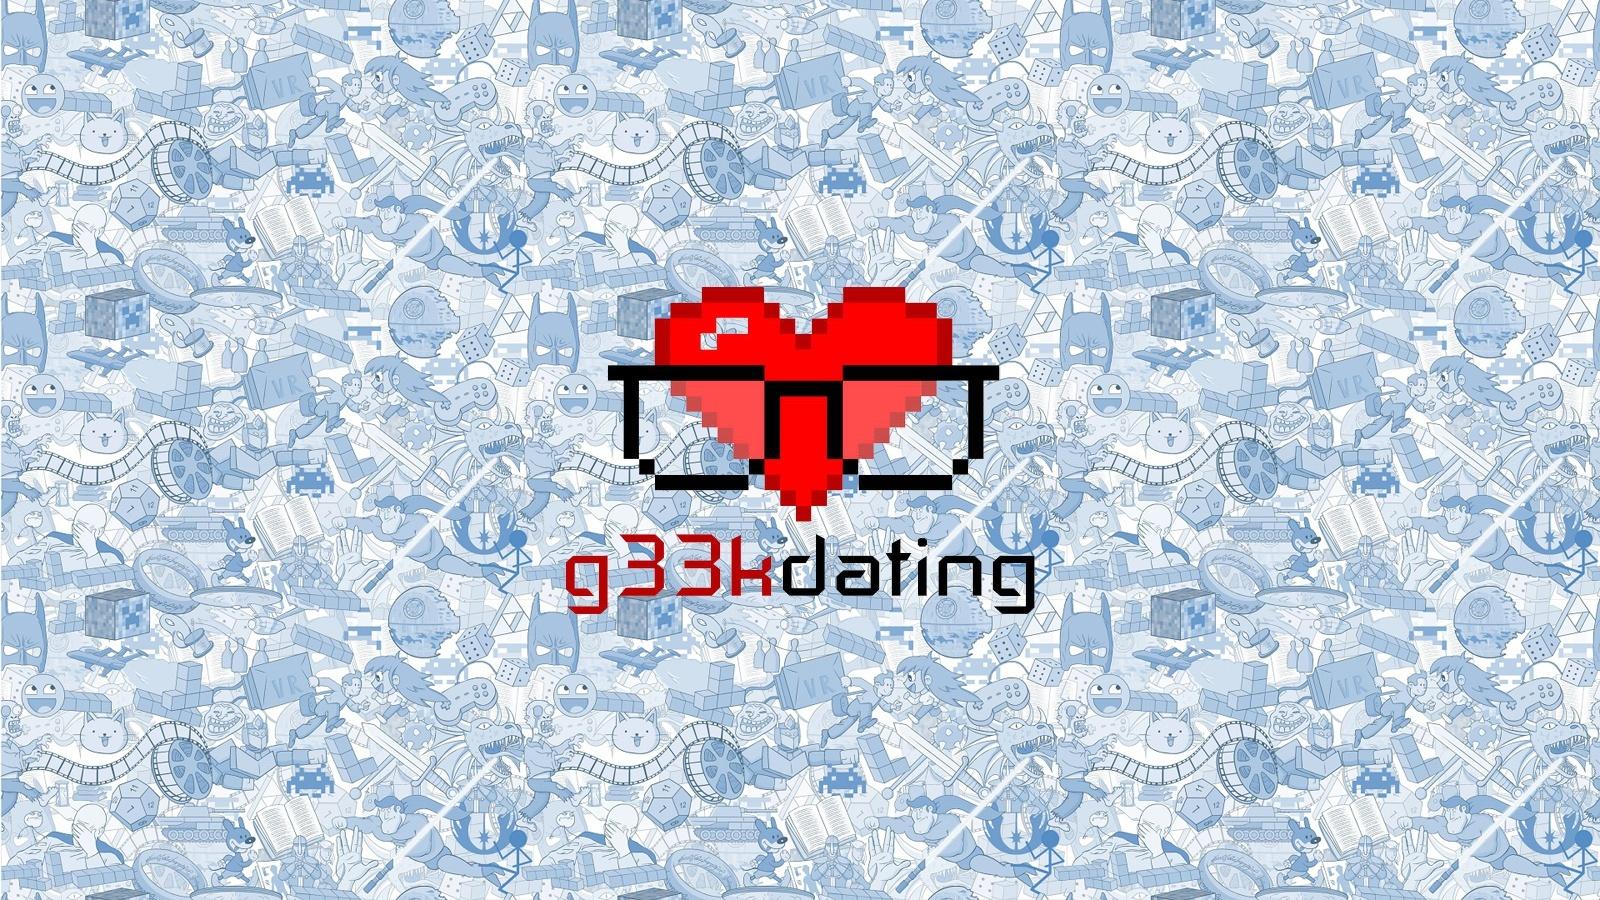 Bester benutzername für online-dating